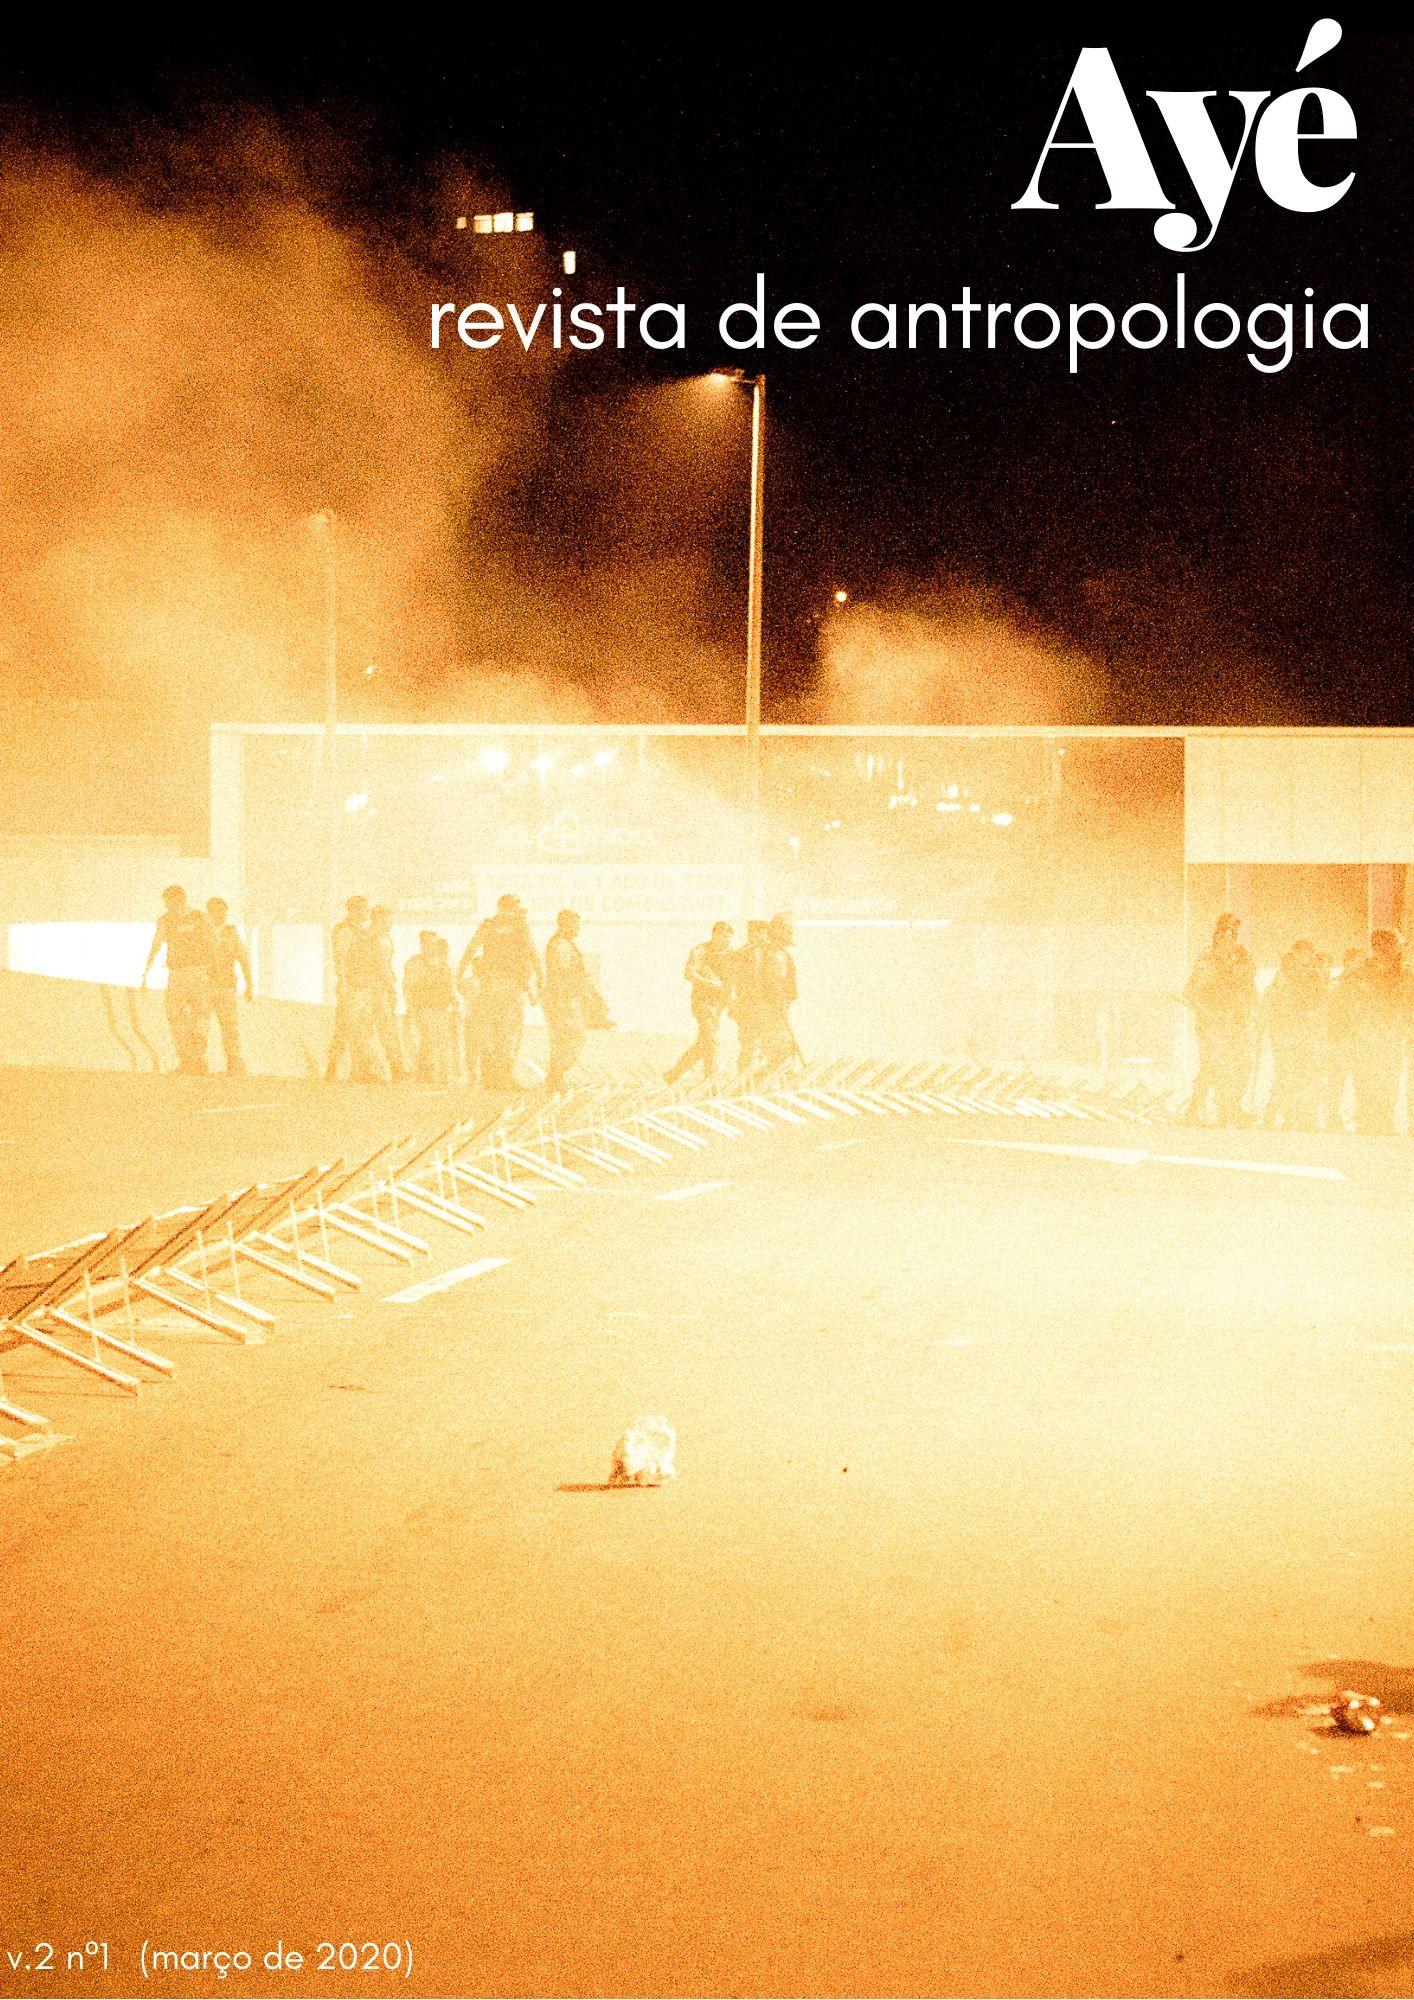 Visualizar v. 2 n. 1 (2020): Ayé: Revista de Antropologia